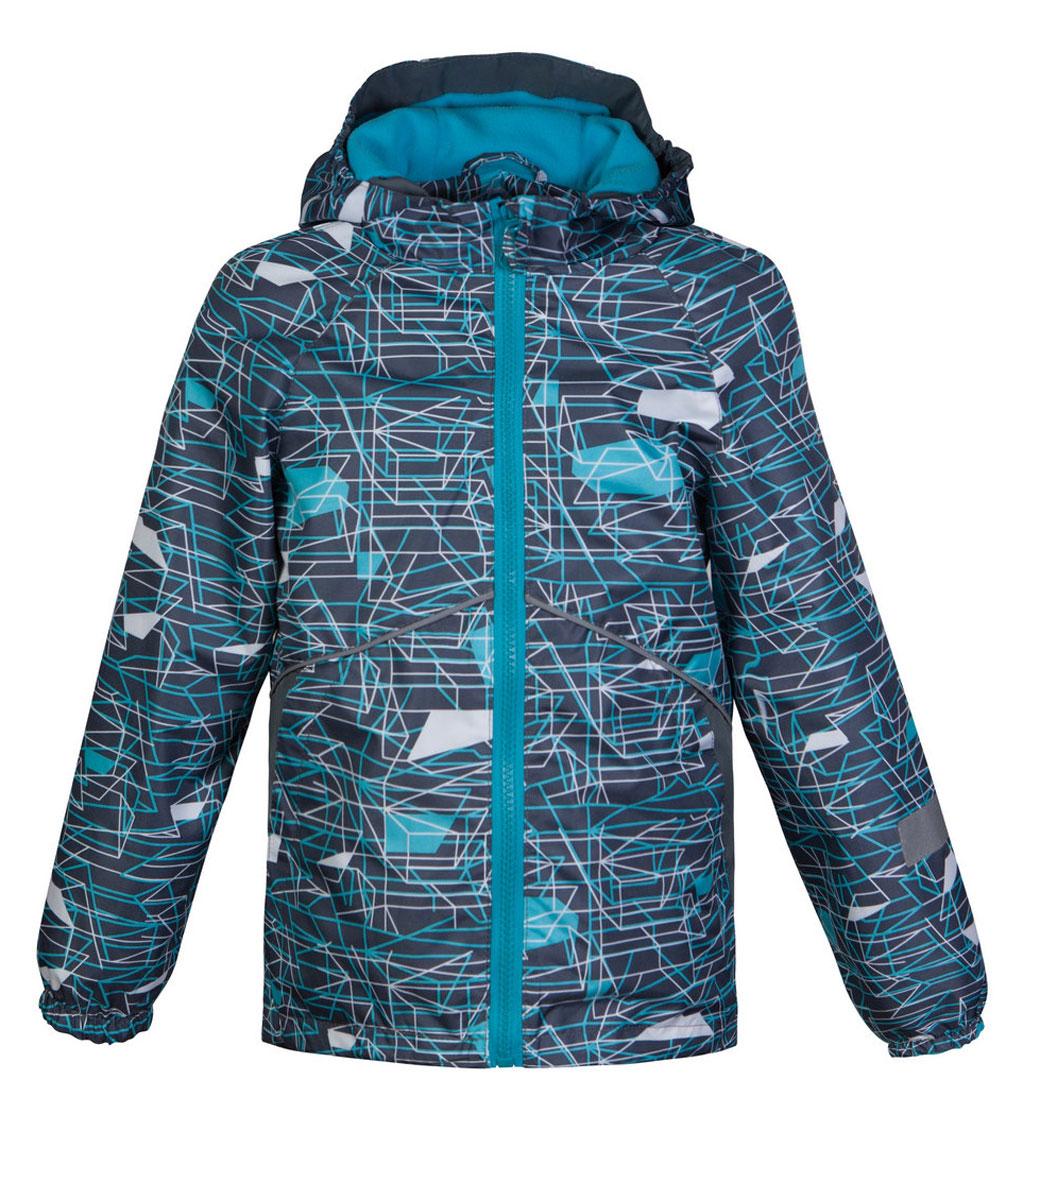 Ветровка3К1718Легкая весенняя ветровка Старт от Jicco By Oldos из принтованной курточной ткани станет украшением весеннего гардероба. Такая курточка идеально подойдет на ветреную погоду с температурой +10…+20°С, она защитит от легкого весеннего дождя и переменчивого ветра. Модель застегивается на молнию. По всей длине молнии имеется внутренняя ветрозащитная планка с защитой подбородка от прищемления. Модель имеет флисовую подкладку на груди, спинке и в капюшоне. Капюшон не отстегивается, для лучшего прилегания по бокам вшита резинка. Манжеты рукавов на резинке, низ куртки снабжен регулируемой утяжкой. Светоотражающие элементы для безопасной прогулки в темное время суток. С лицевой стороны расположены карманы на молнии.